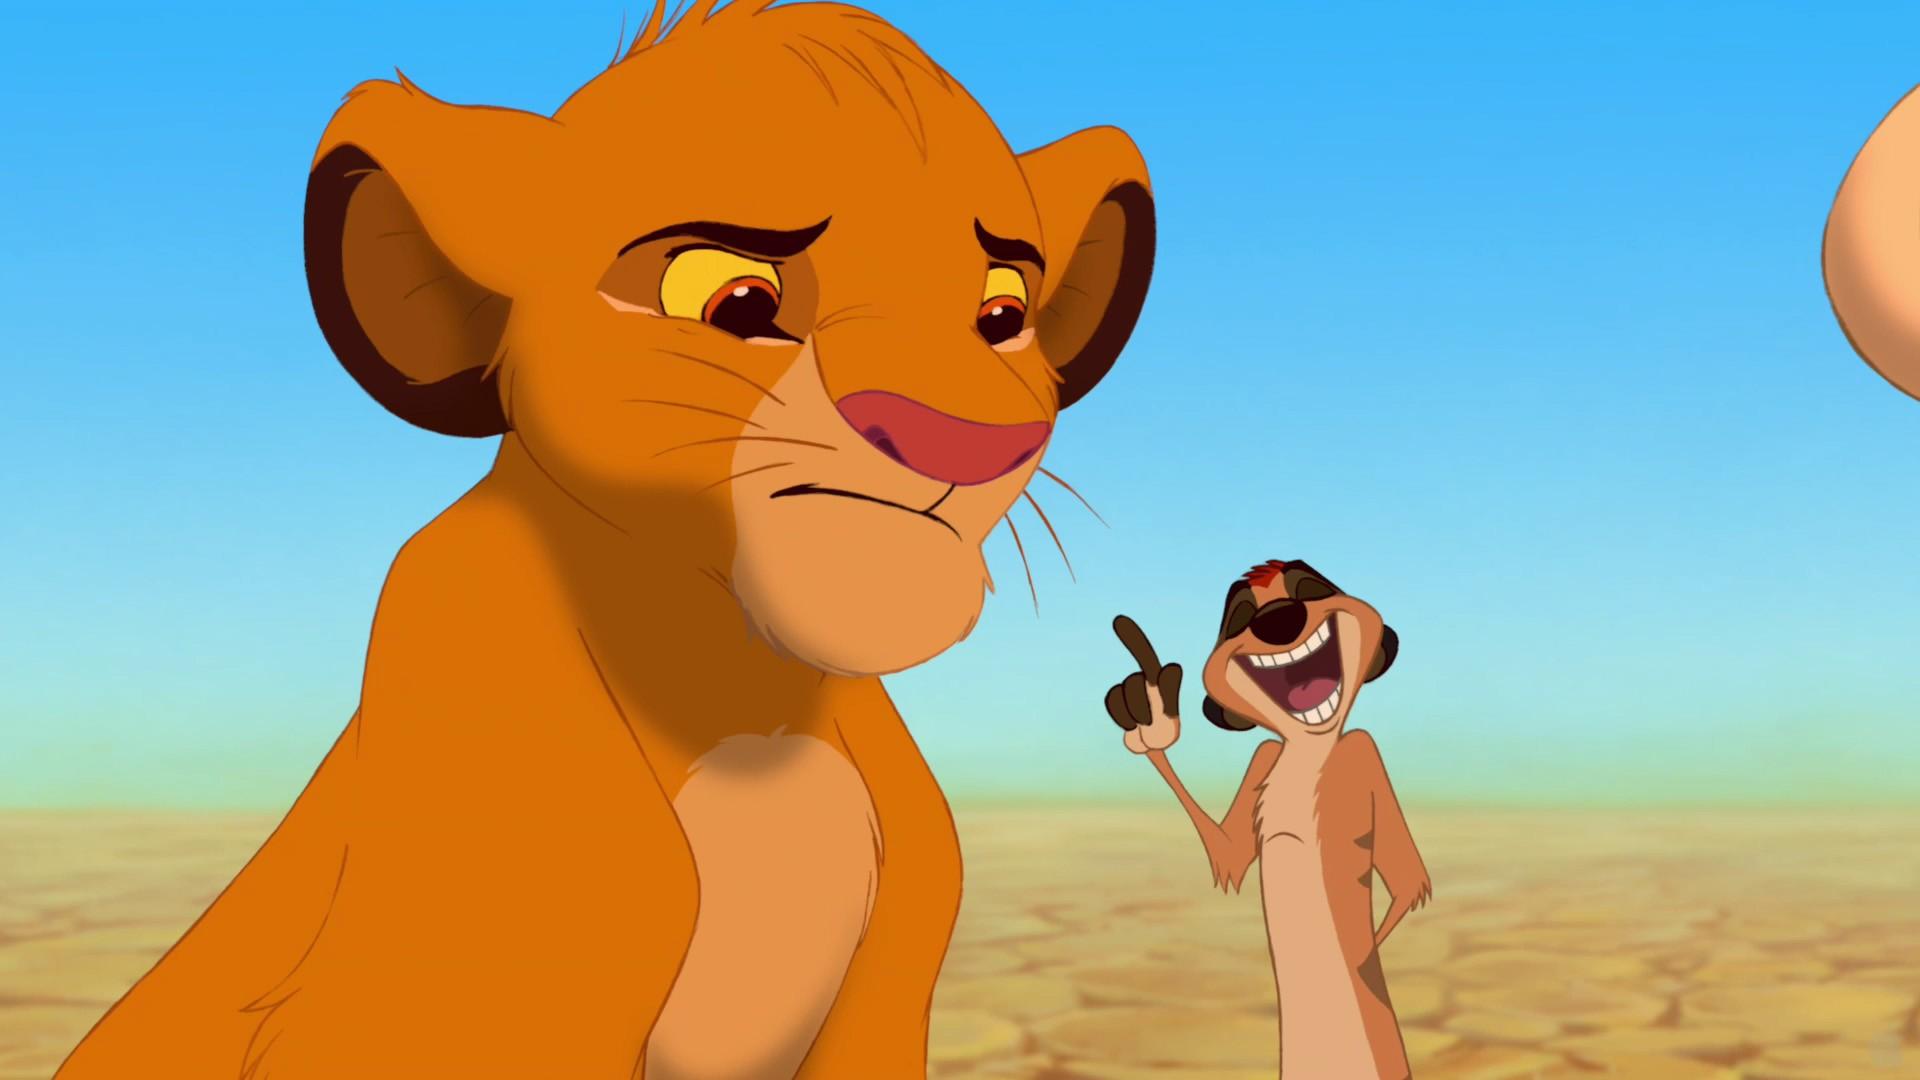 Simba and Timon - The Lion King wallpaper